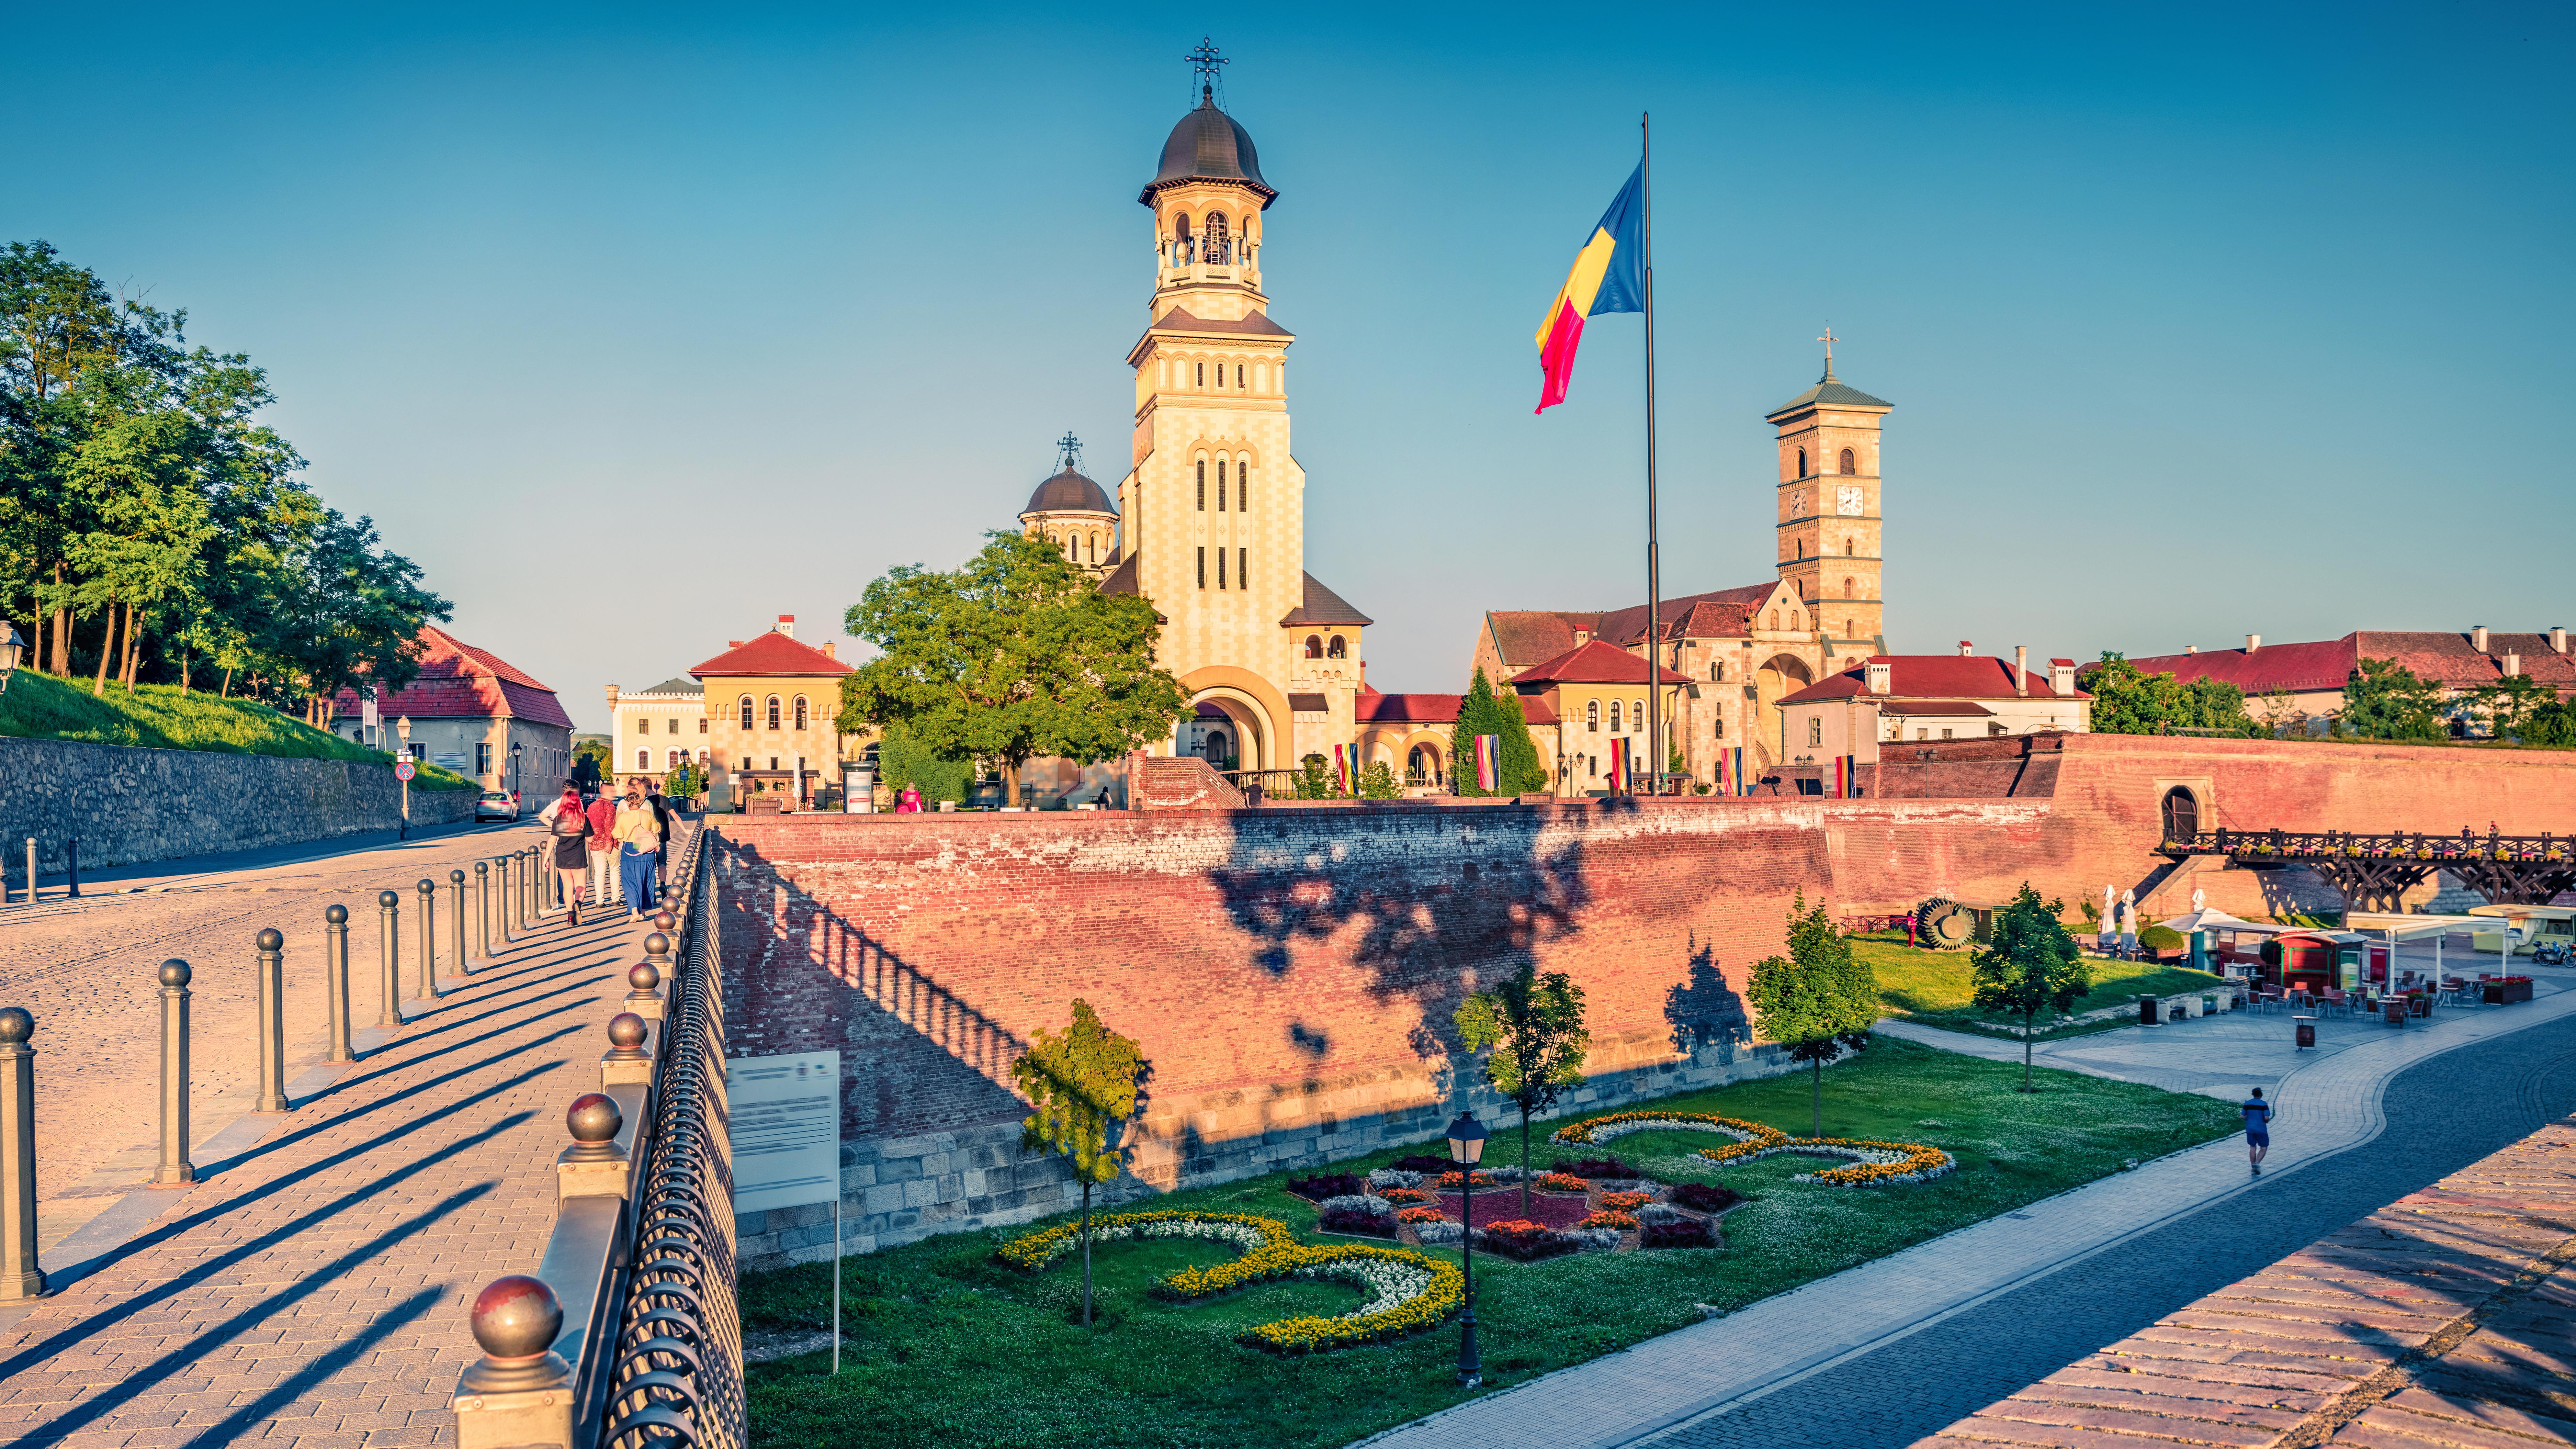 Флаг на фоне достопримечательностей в Румынии, где россияне могут получить ВНЖ